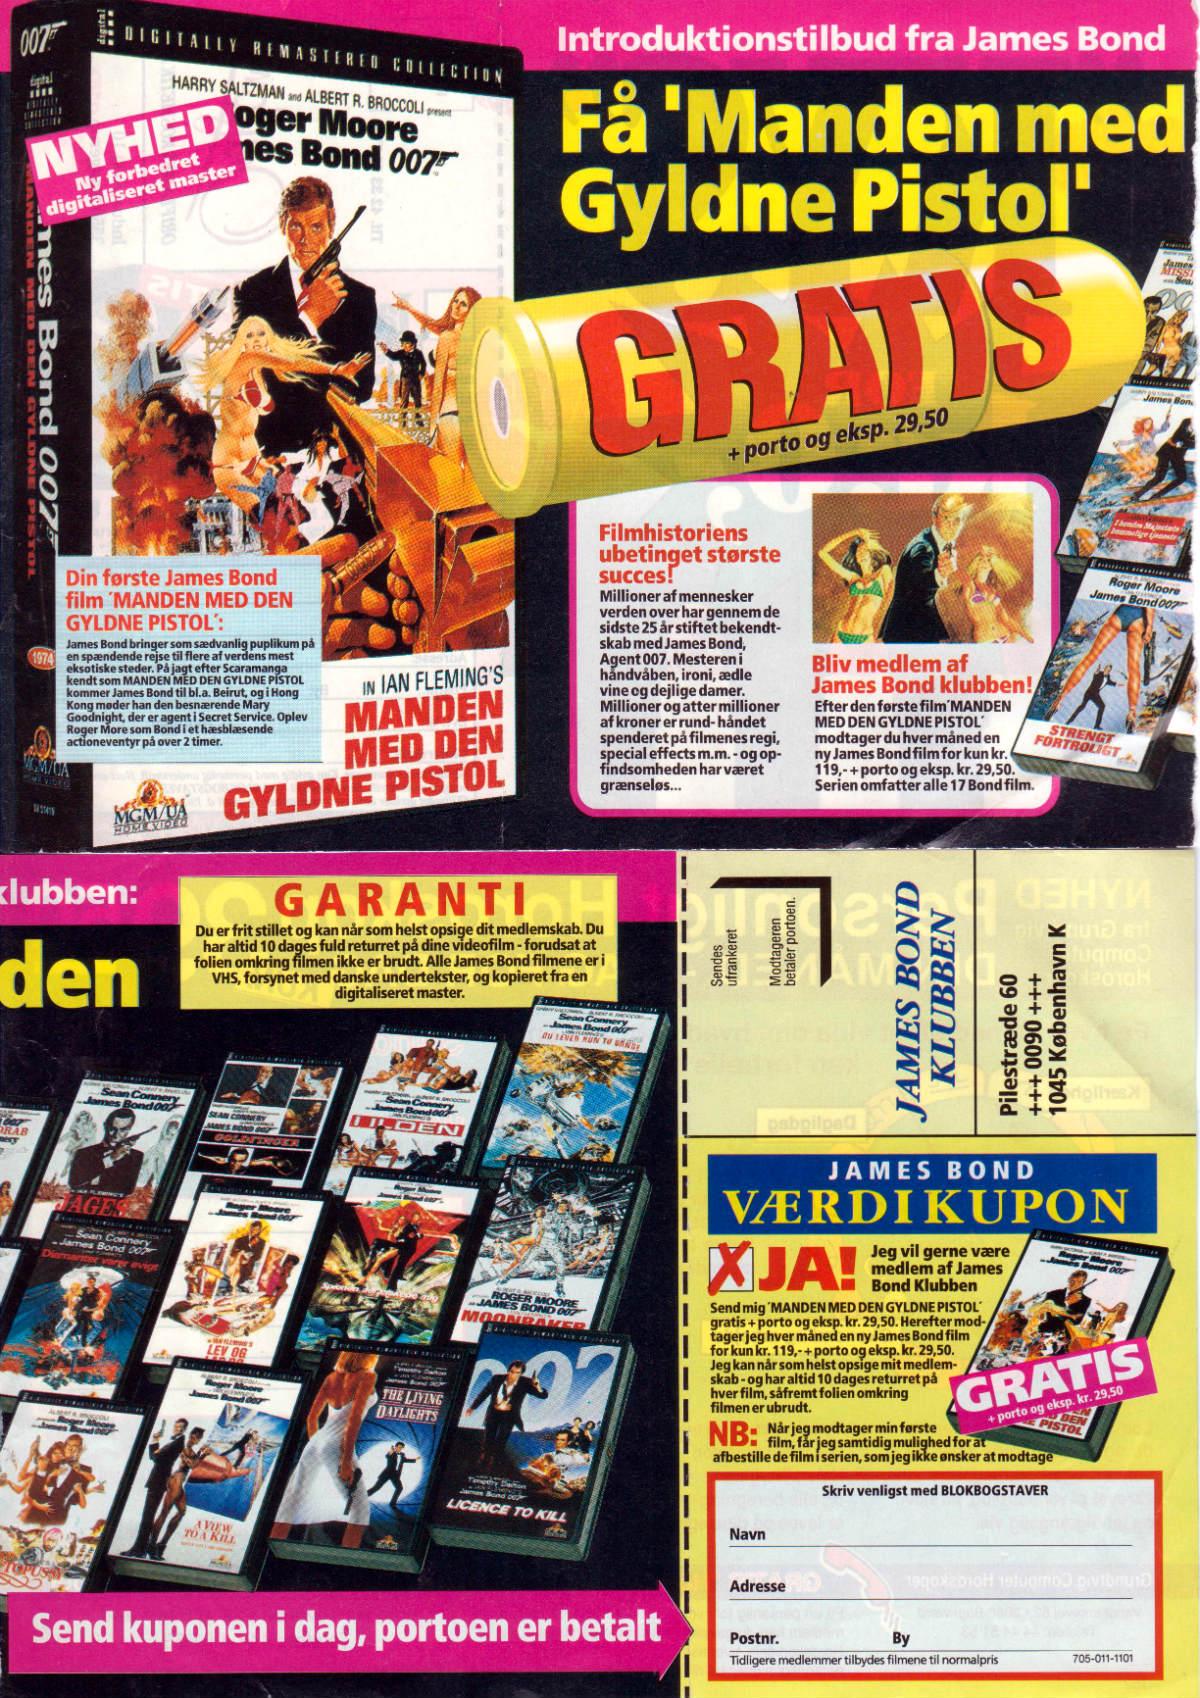 JBKlubben annonce Golden Gun Digital Remaster 1993-94